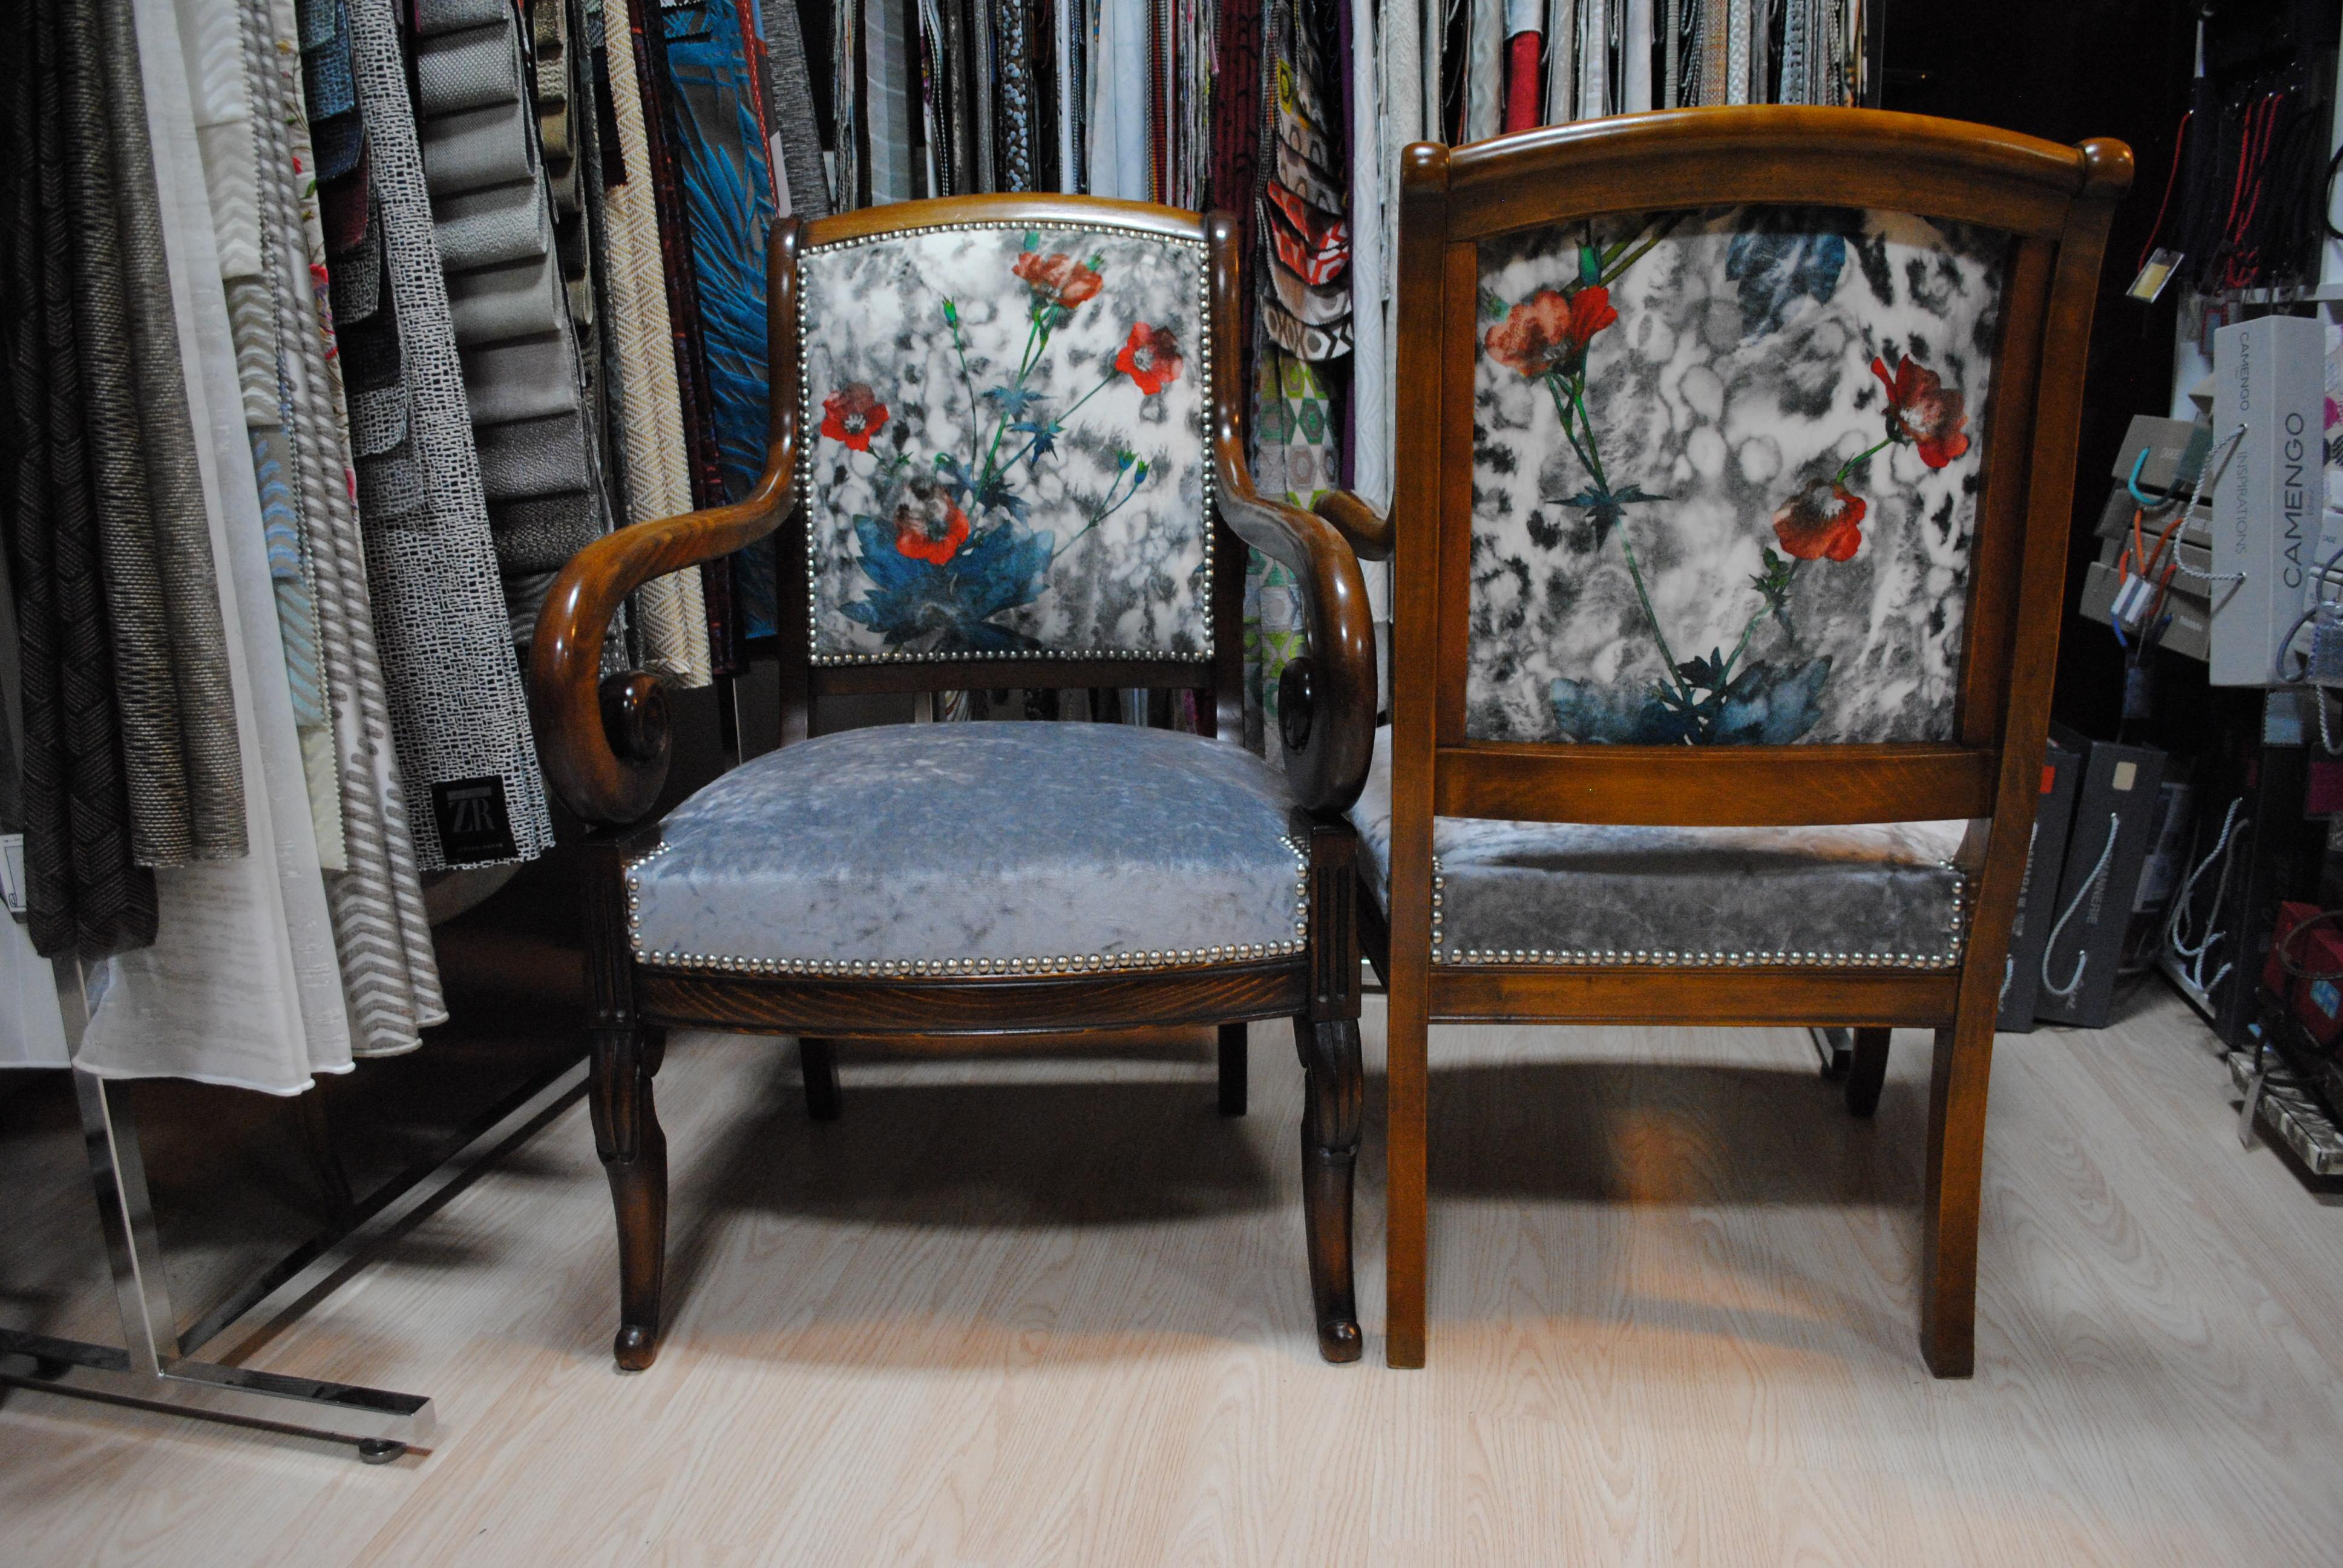 Tapissier D Ameublement Lorient l'atelier de tigrid, maitre artisan tapissier d'ameublement